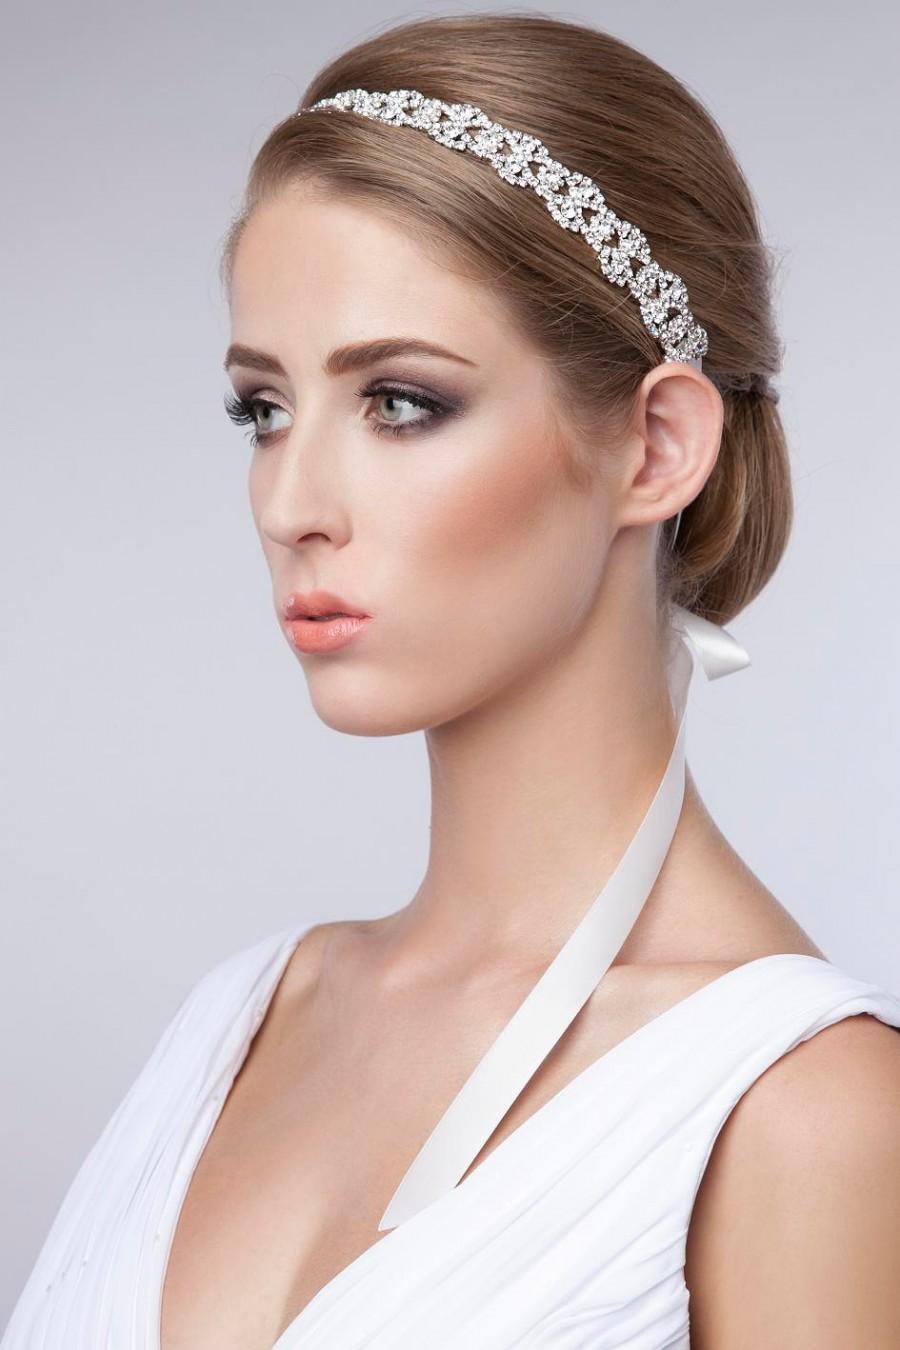 rhinestone headband, bridal wedding headband, crystal headband